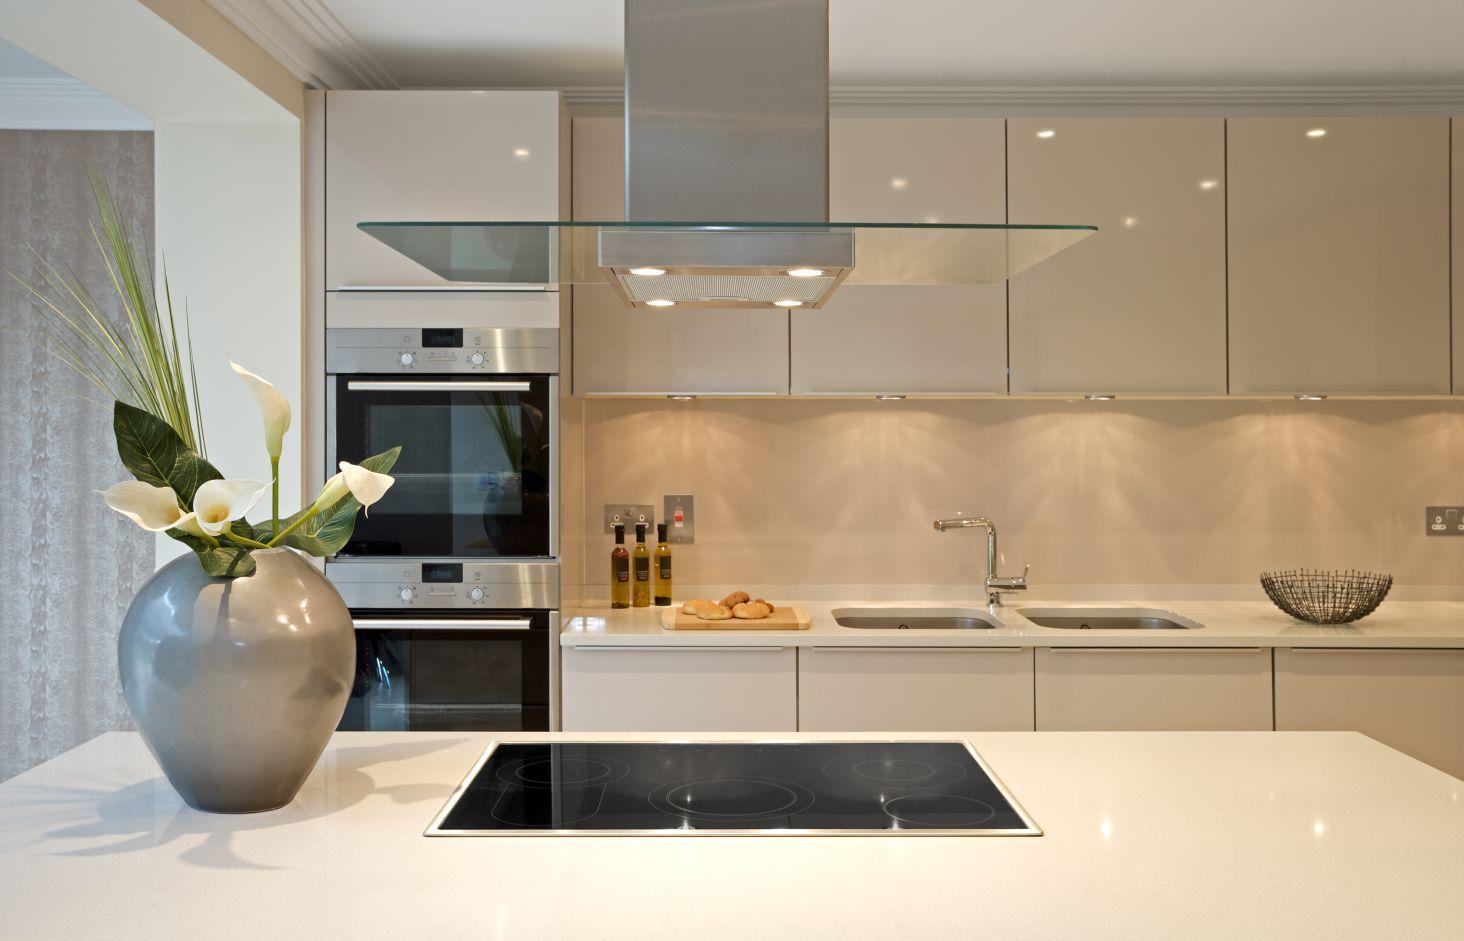 Szkło Polimerowe I Laminat Akrylowy W Kuchni Dlaczego